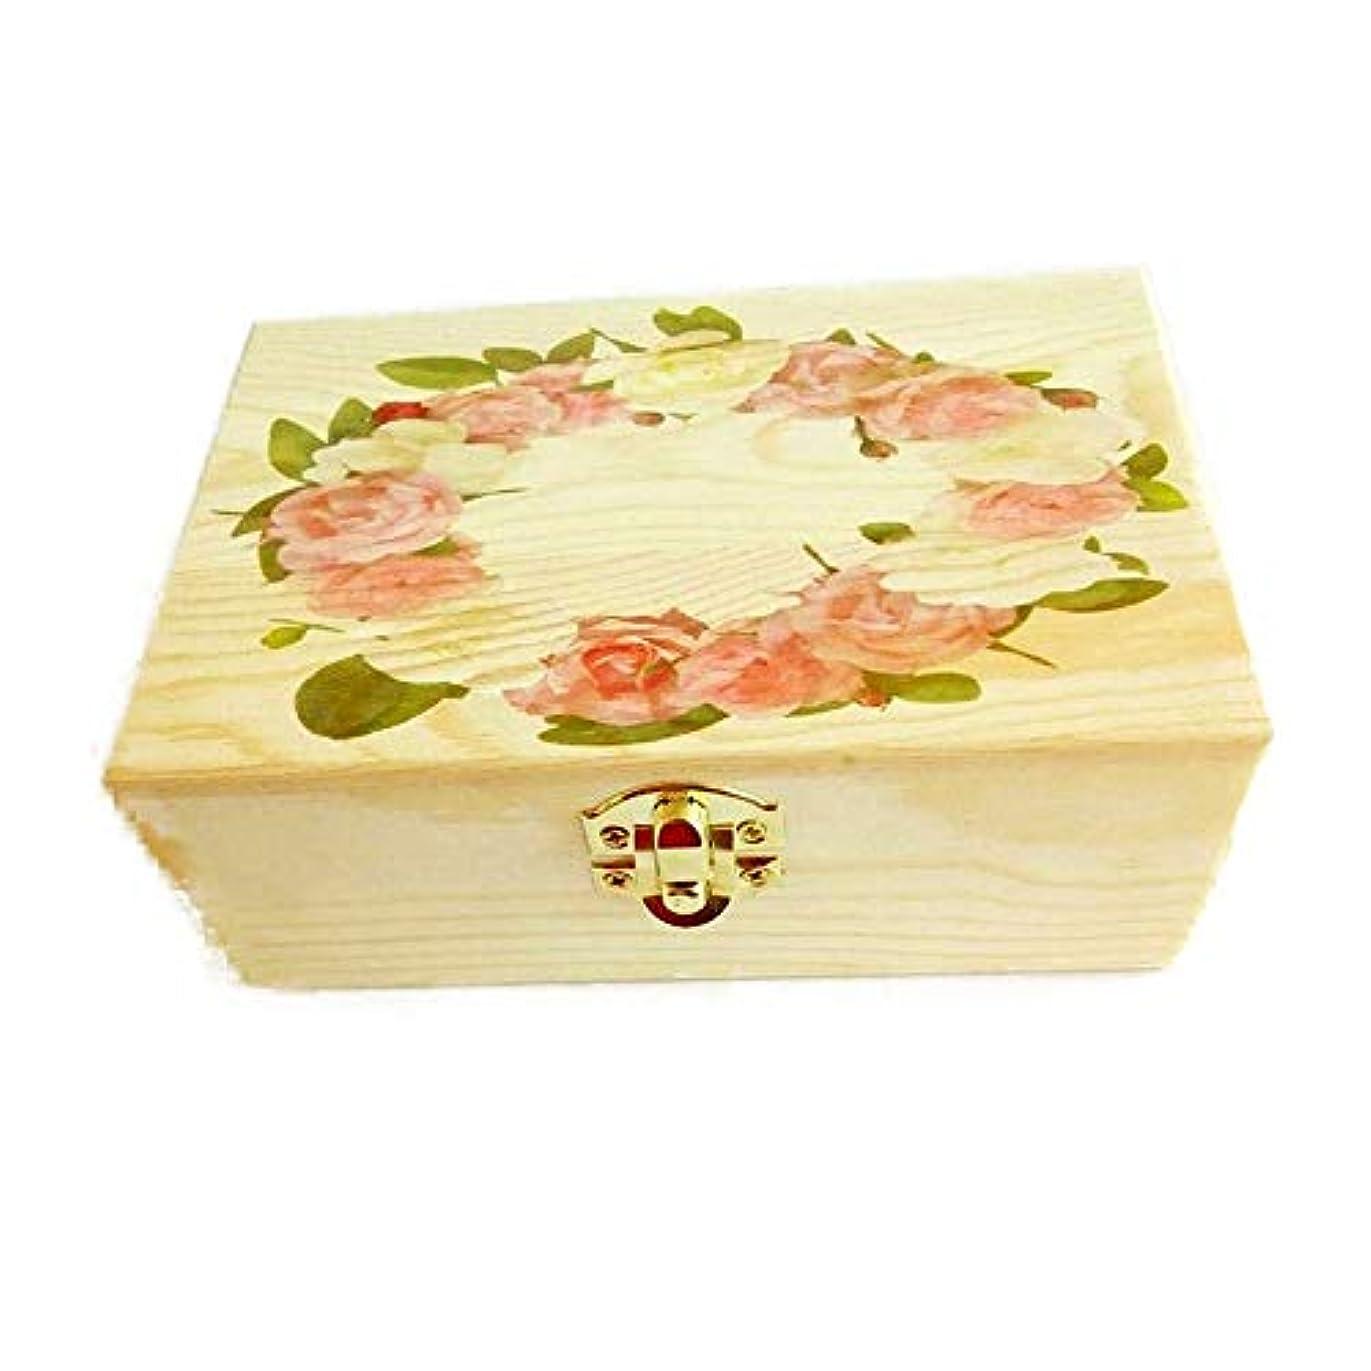 人物薬用ウィンクキャリングそしてホームストレージ表示のための木製のエッセンシャルオイルストレージボックスオーガナイザー アロマセラピー製品 (色 : Natural, サイズ : 15.5X10.5X5.5CM)